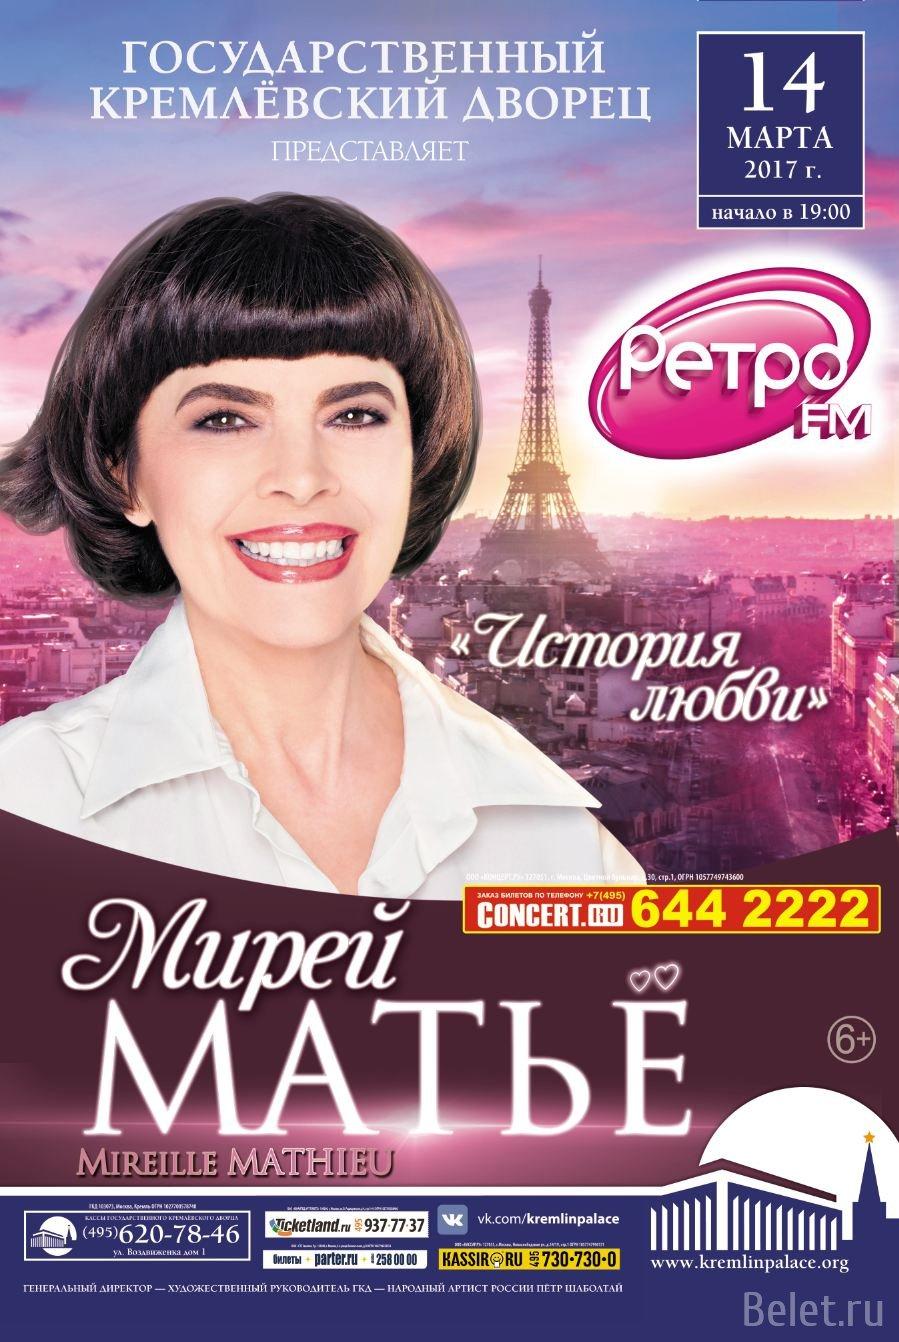 Билеты на концерт Мирей Матьё